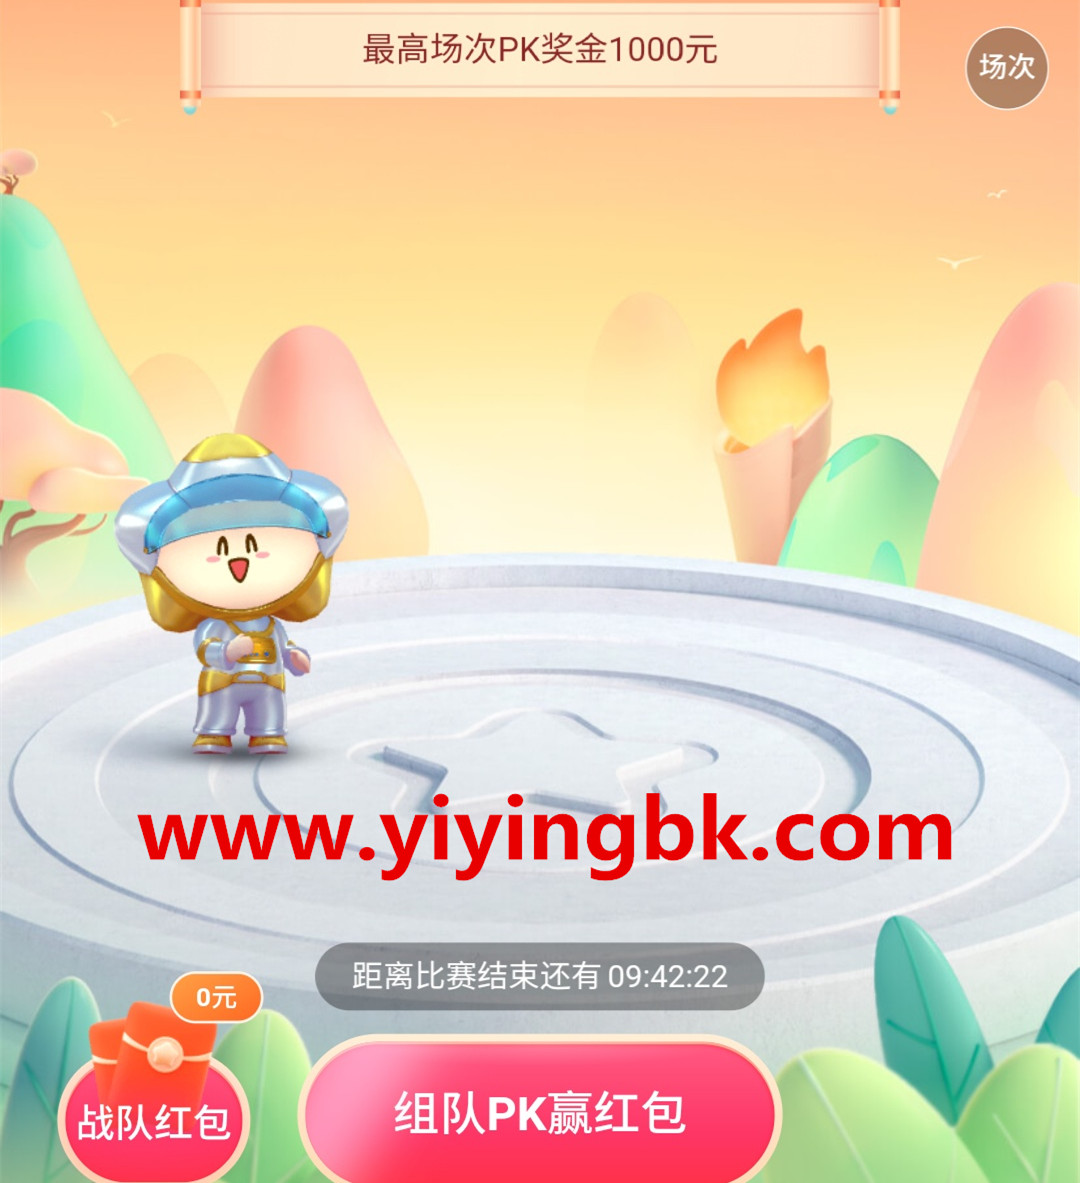 赛艇大挑战,大作战,免费得最高场次1000元红包奖励。www.yiyingbk.com